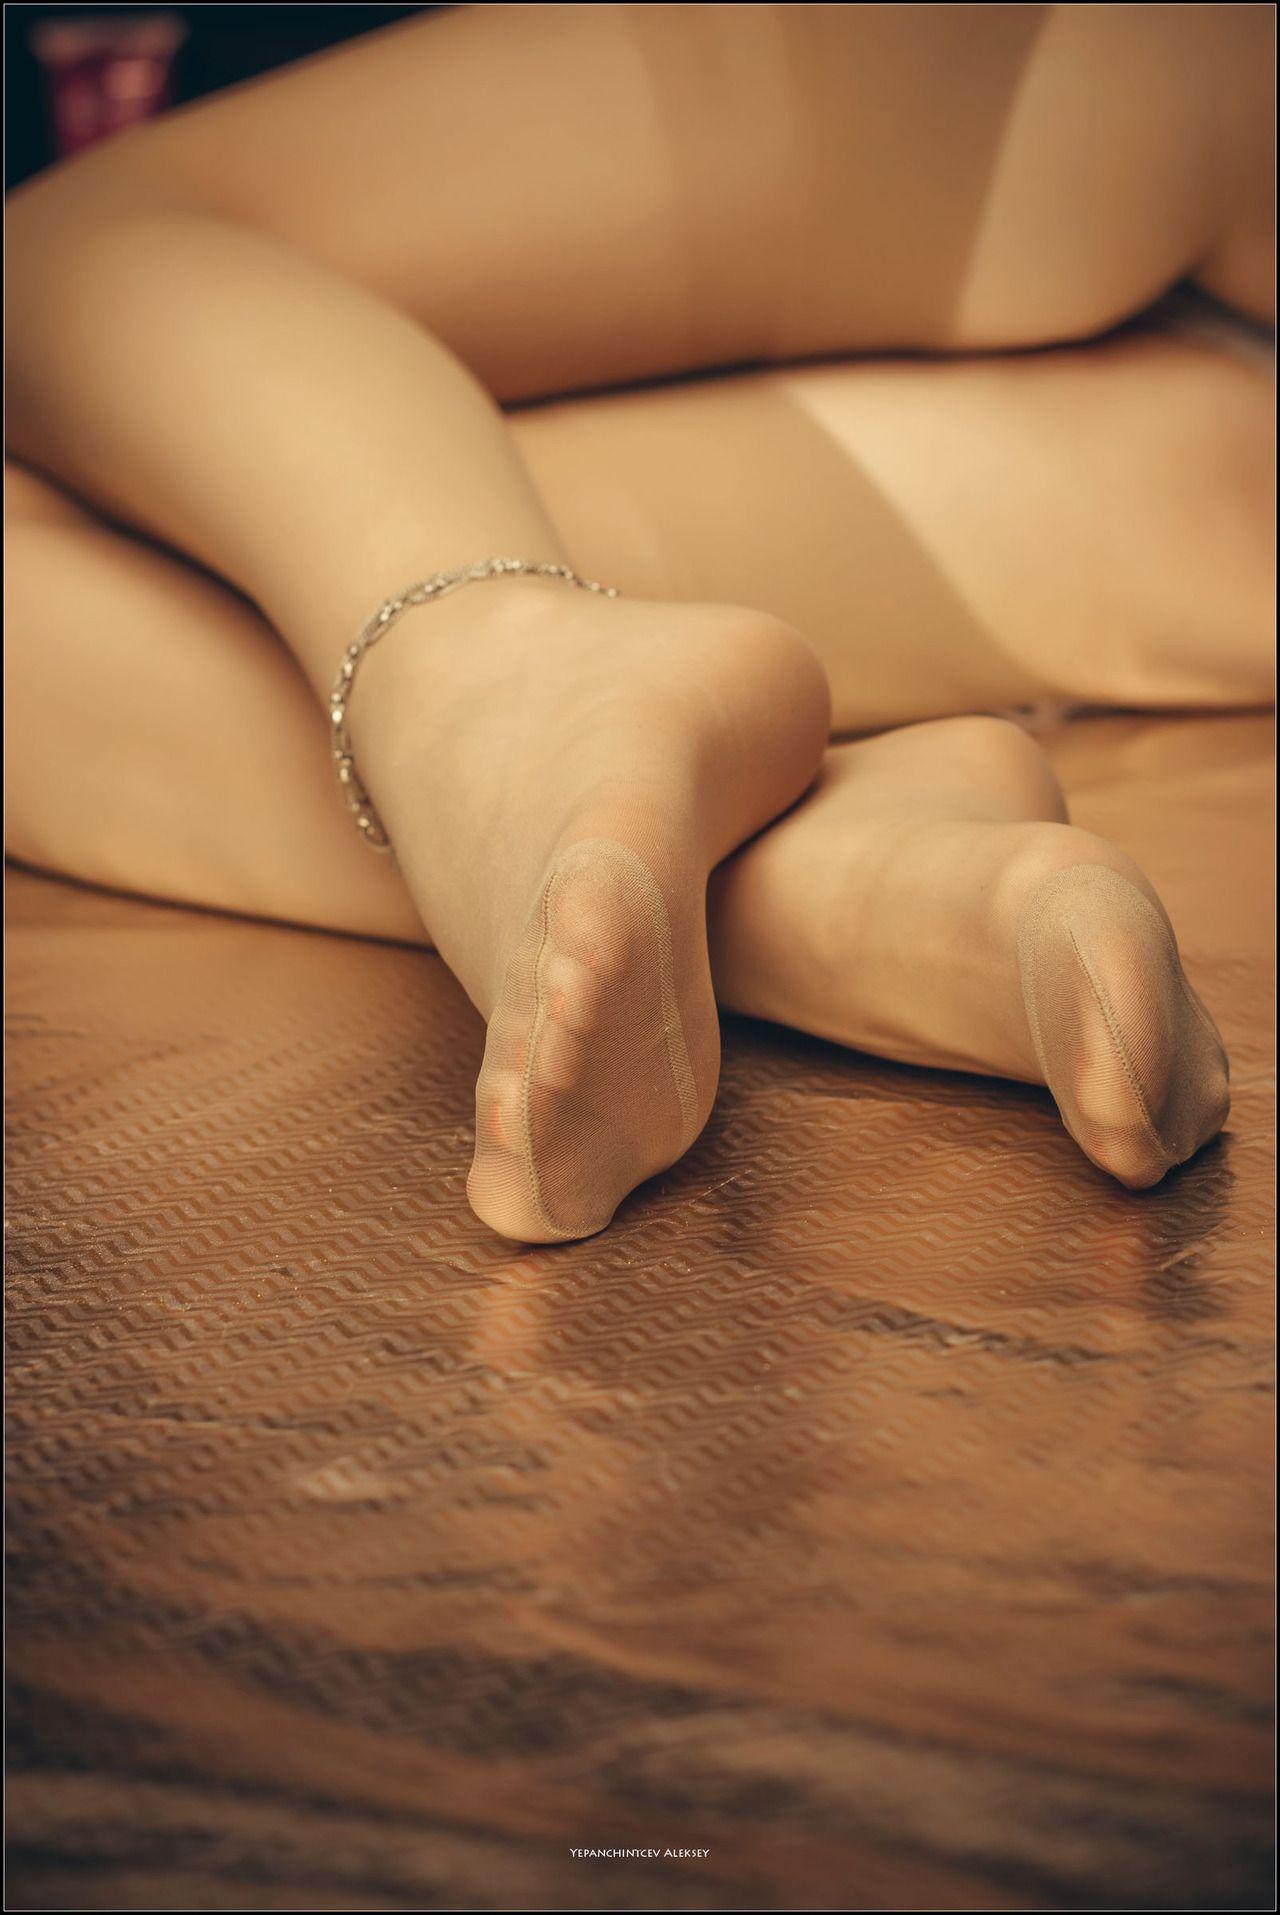 выберите нужный нога в эласьичносбинье фото этой